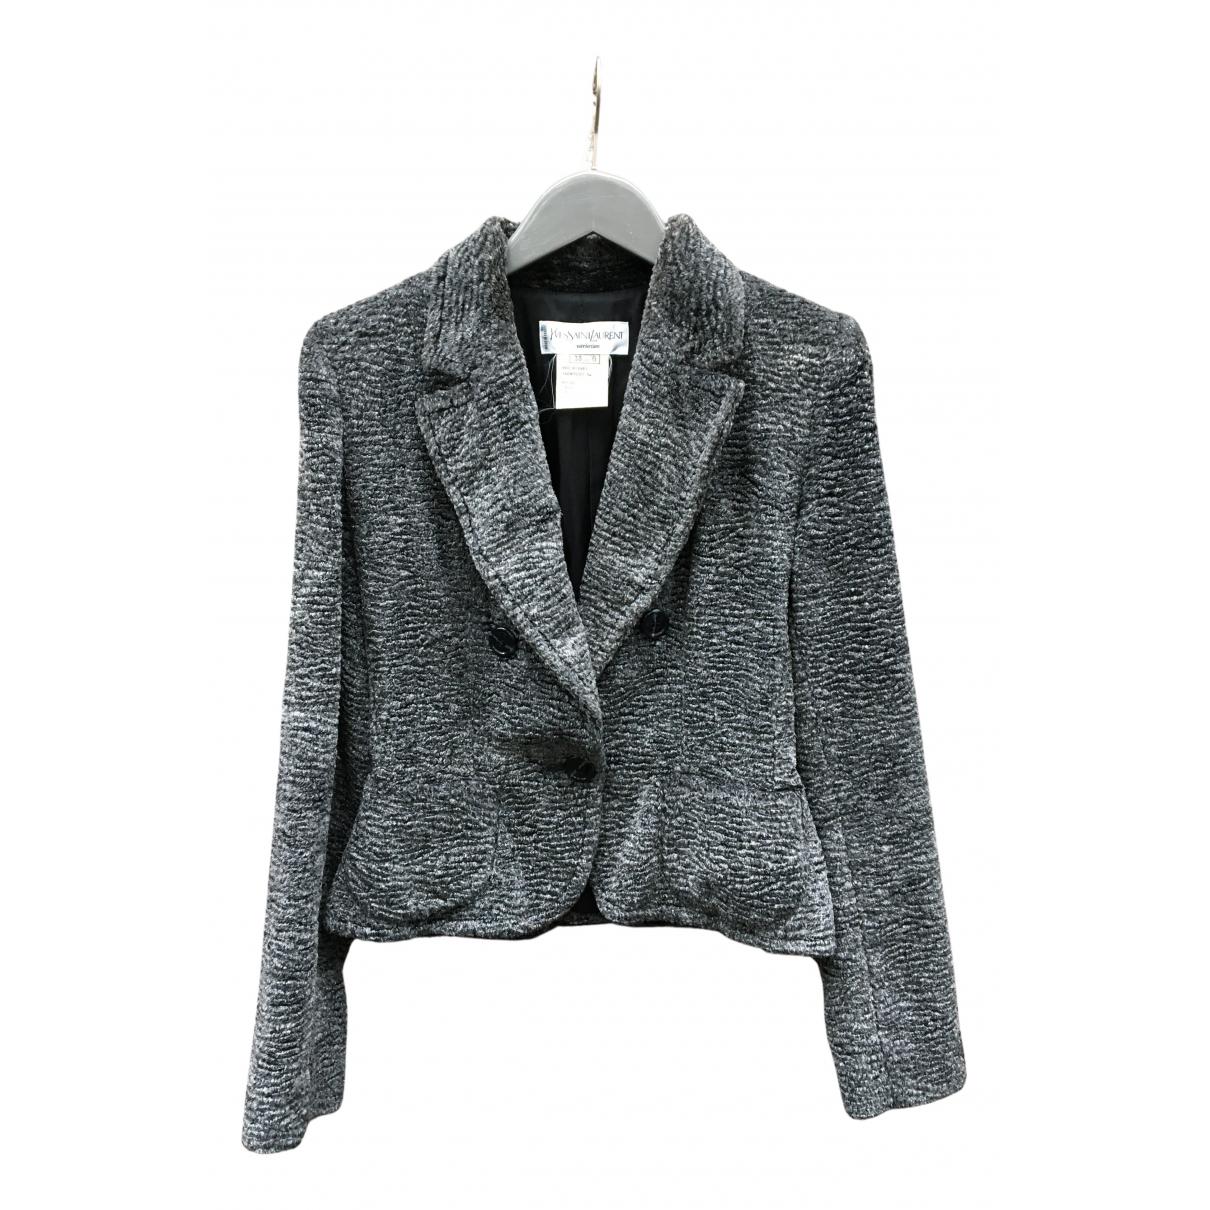 Yves Saint Laurent N Anthracite jacket for Women 38 FR